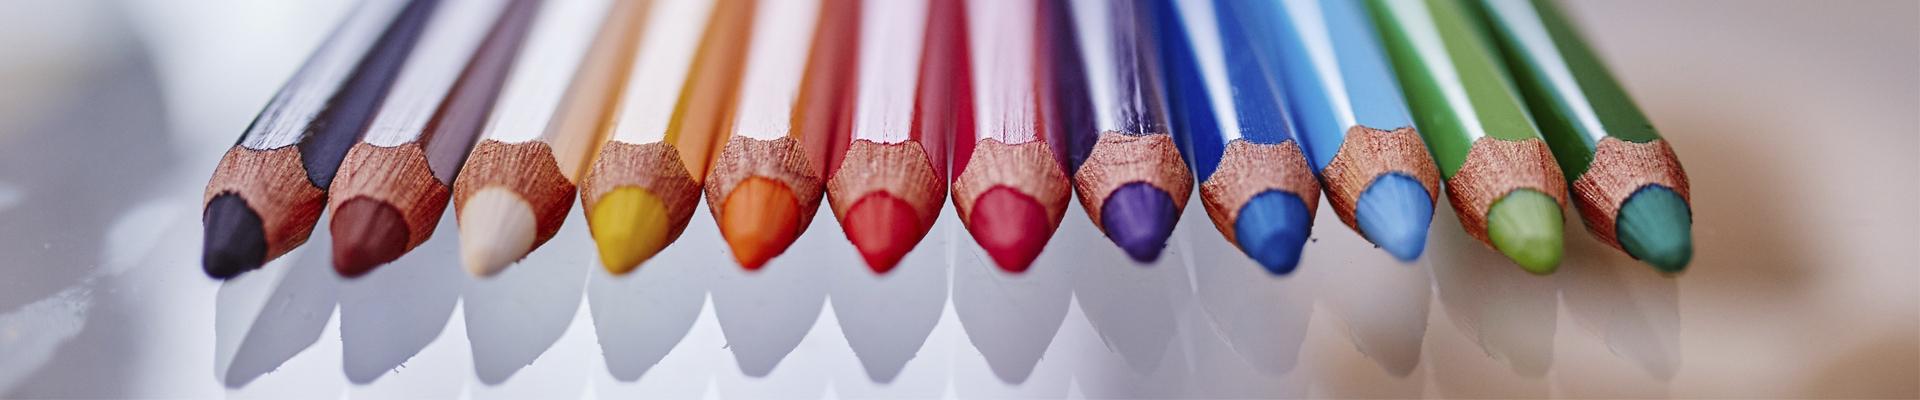 Voorbeeld 2 pastel kleuren